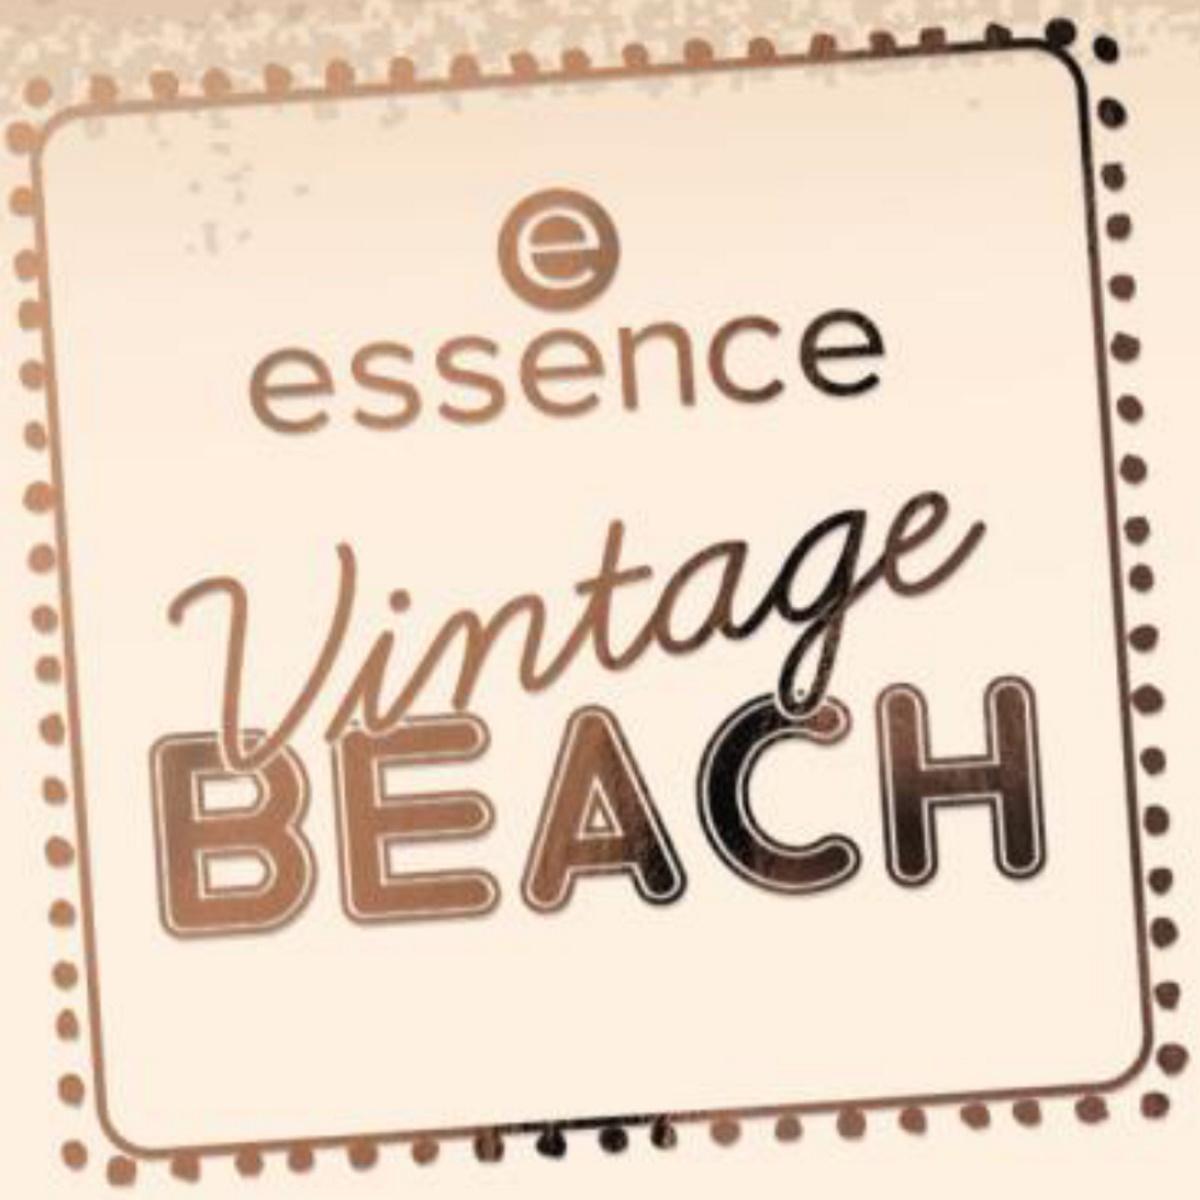 Persbericht: Essence LE Vintage Beach